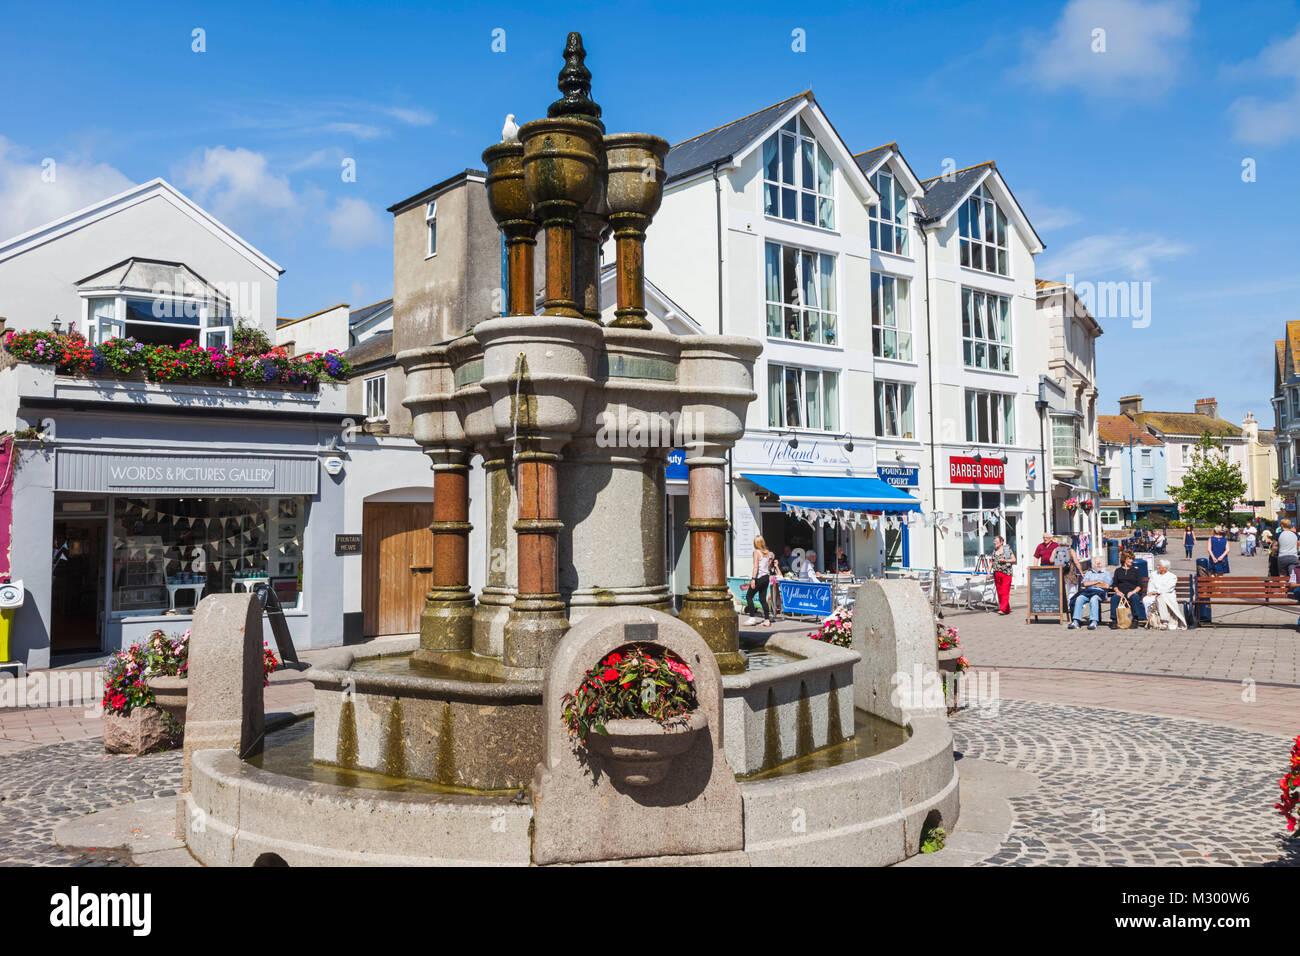 England, Devon, Teignmouth, Teignmouth Triangles Fountain - Stock Image